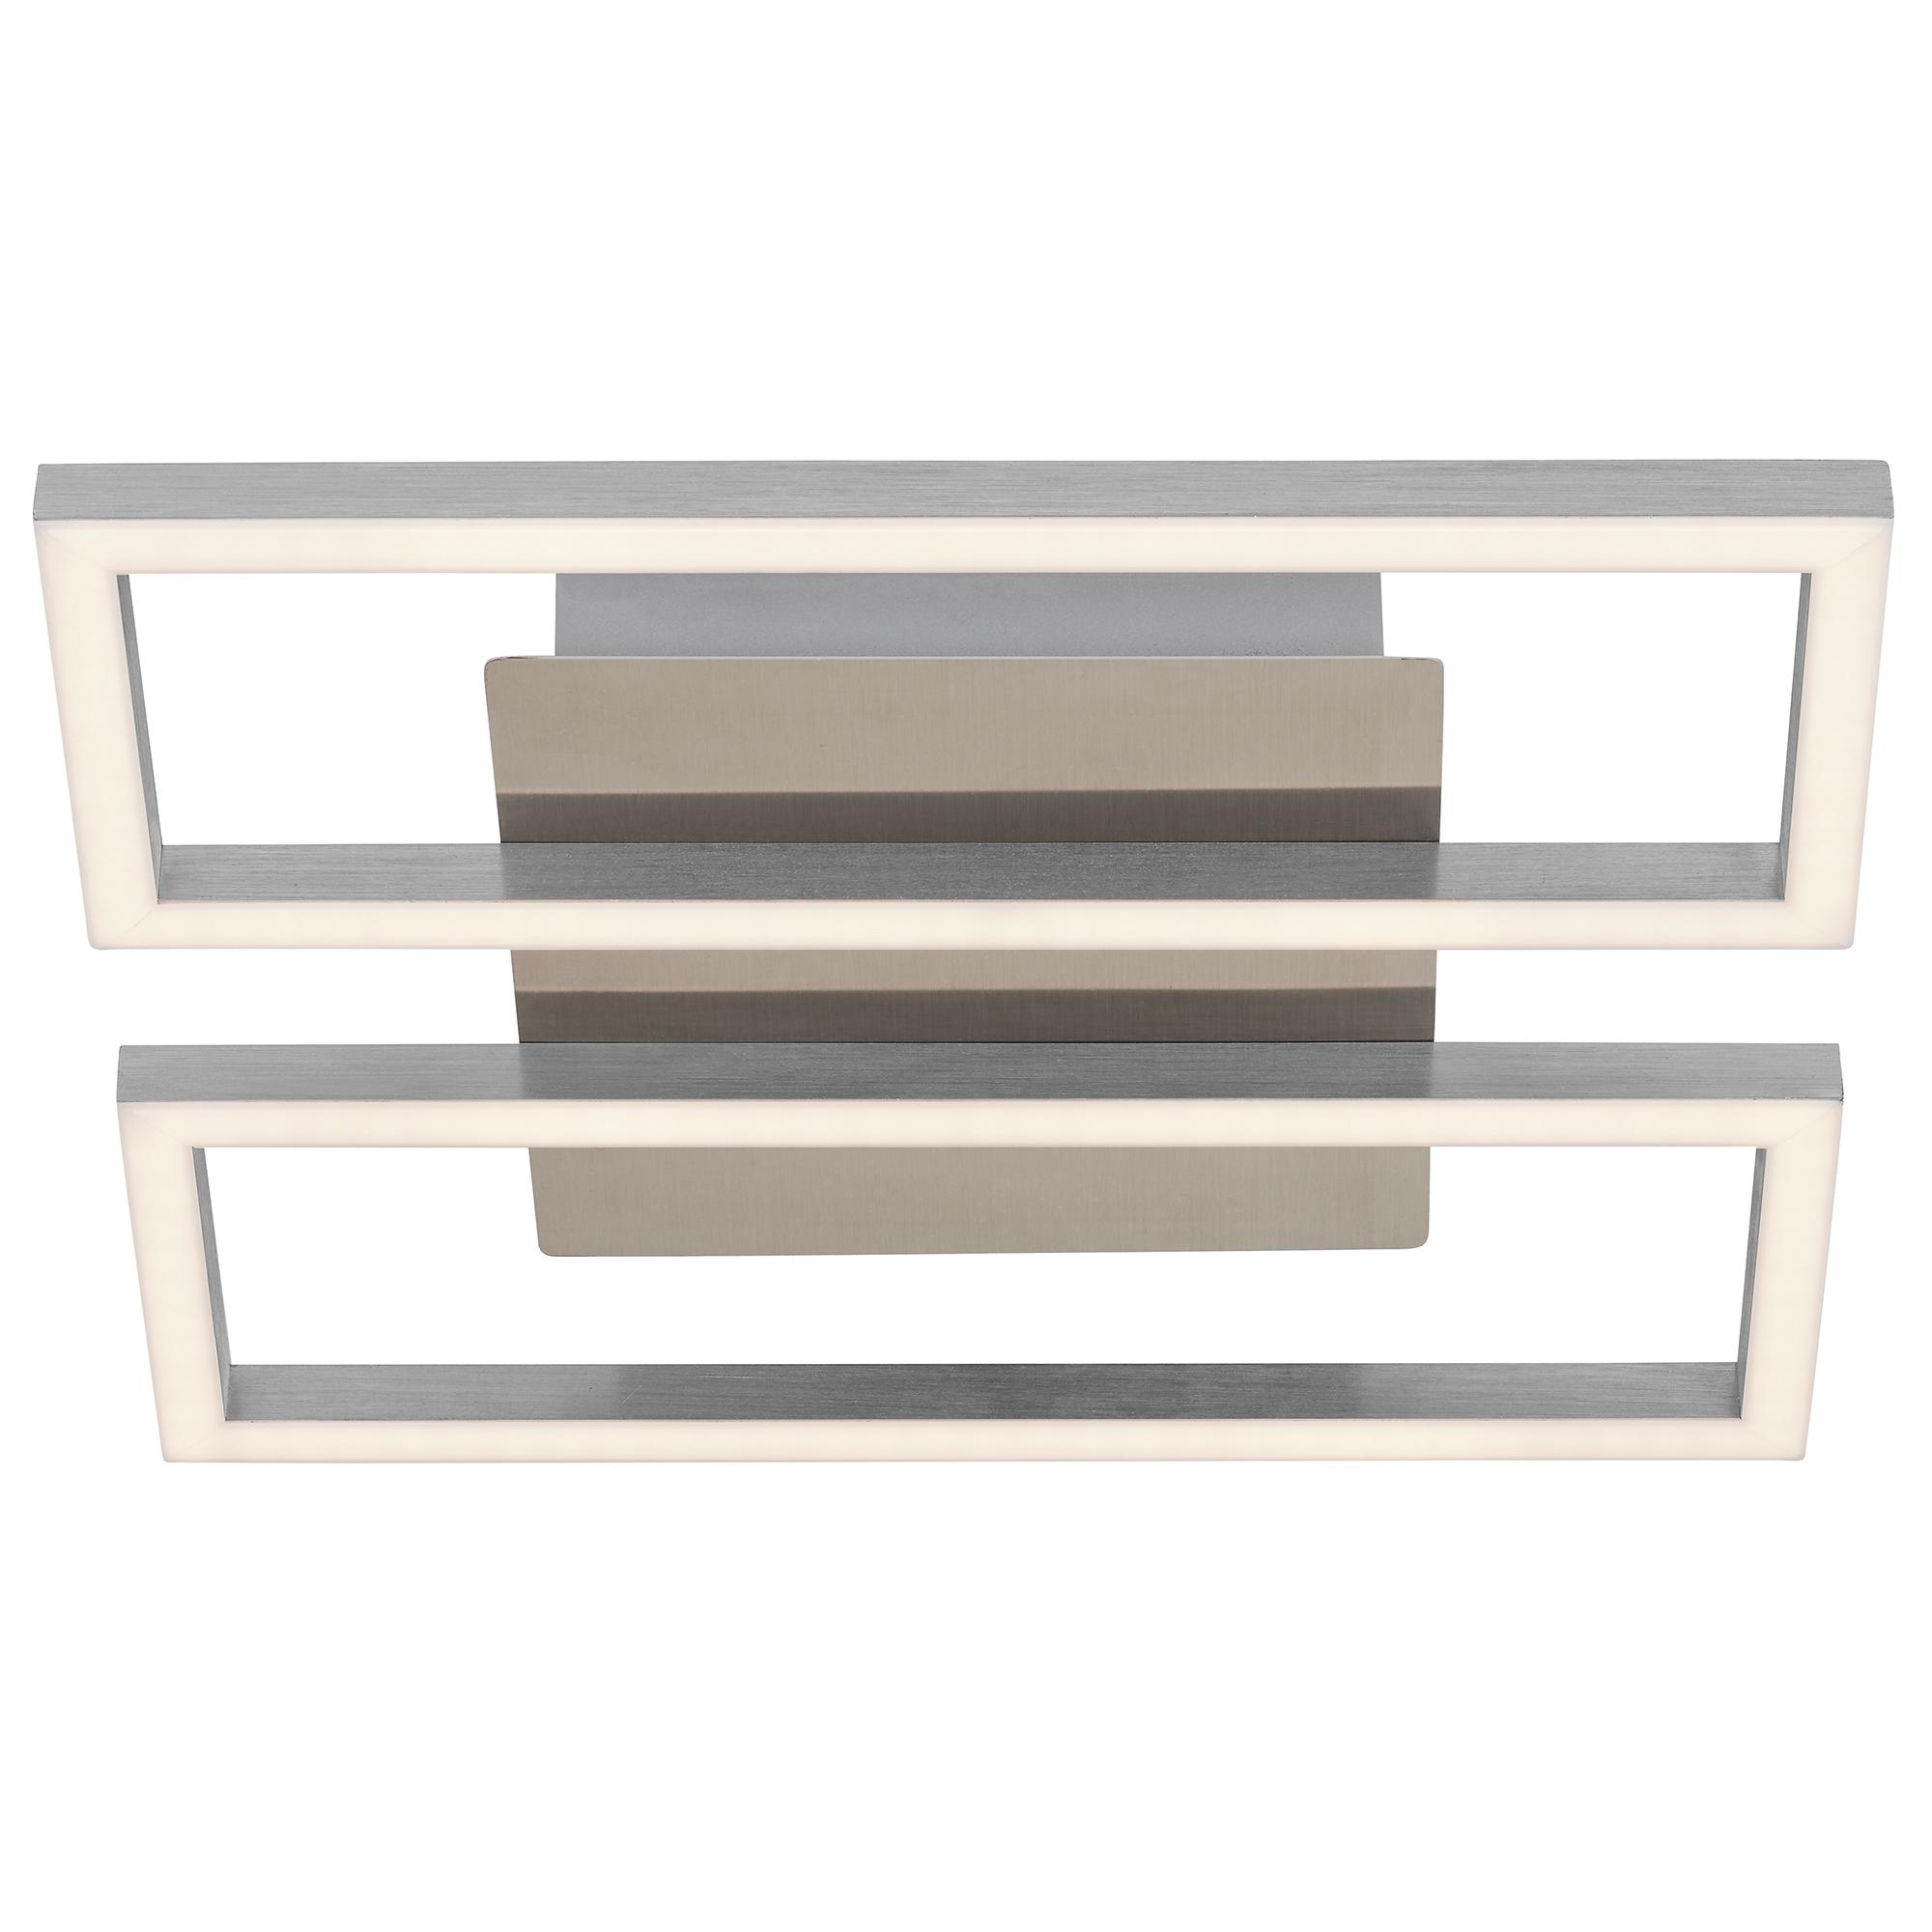 LED Wand- und Deckenleuchte, 28 cm, 14,5 W, Matt-Nickel